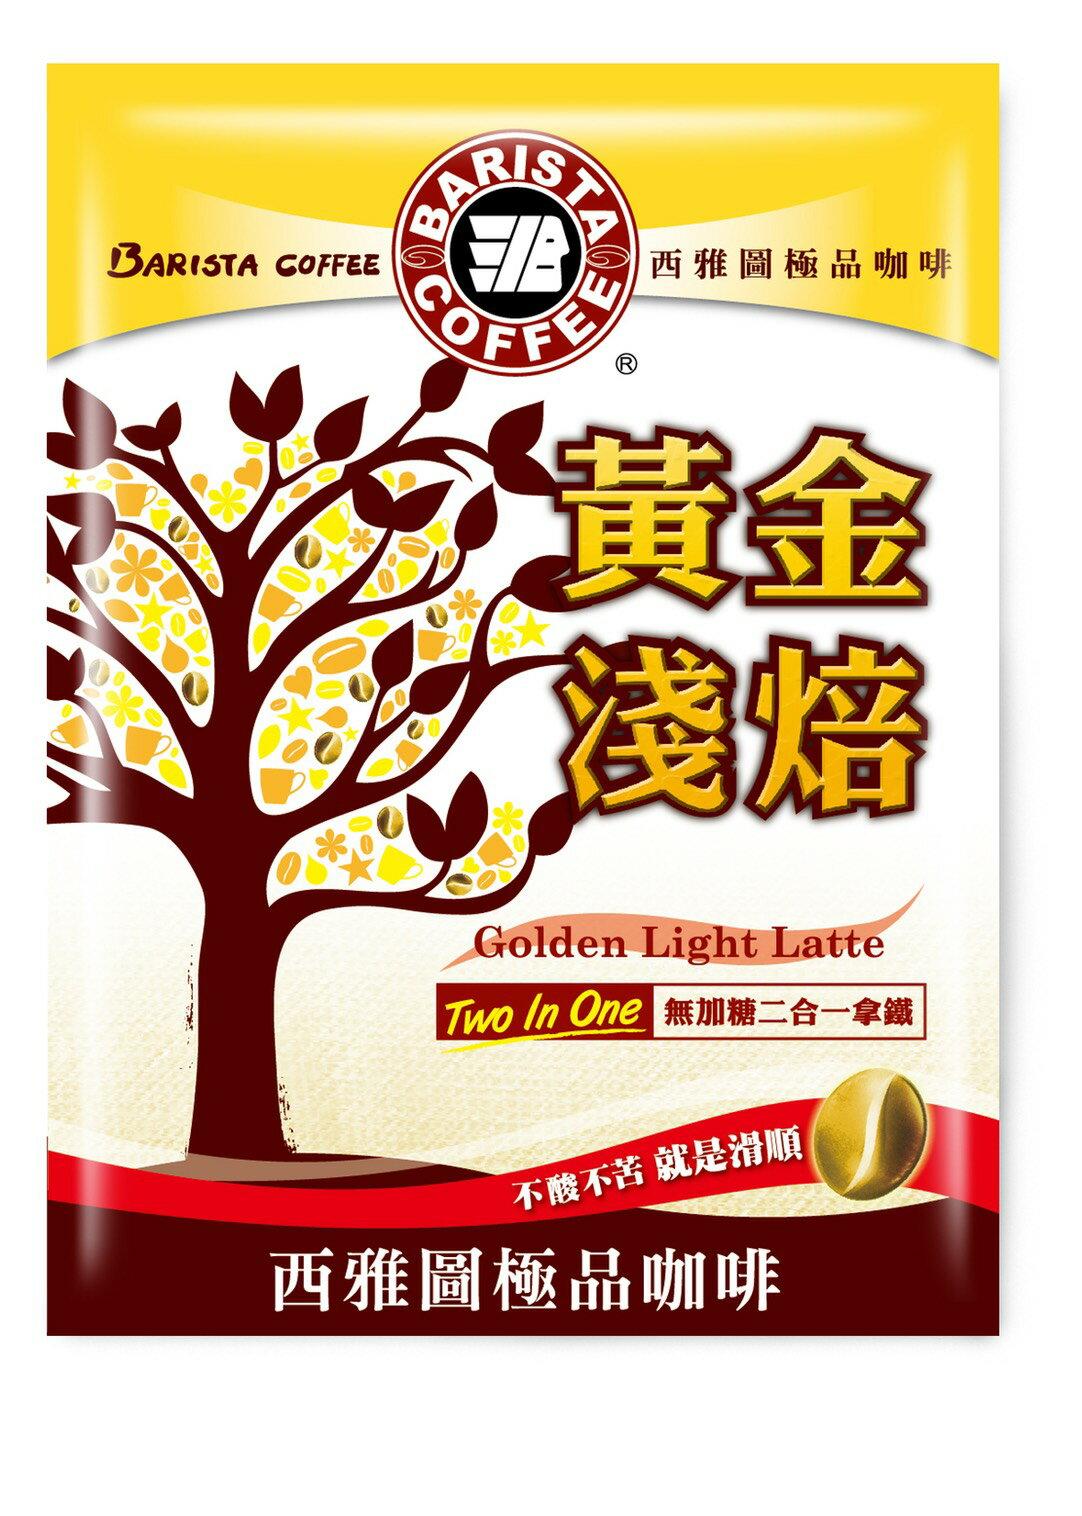 西雅圖黃金淺焙無加糖二合一咖啡19gx10包(滿100包有禮盒包裝)